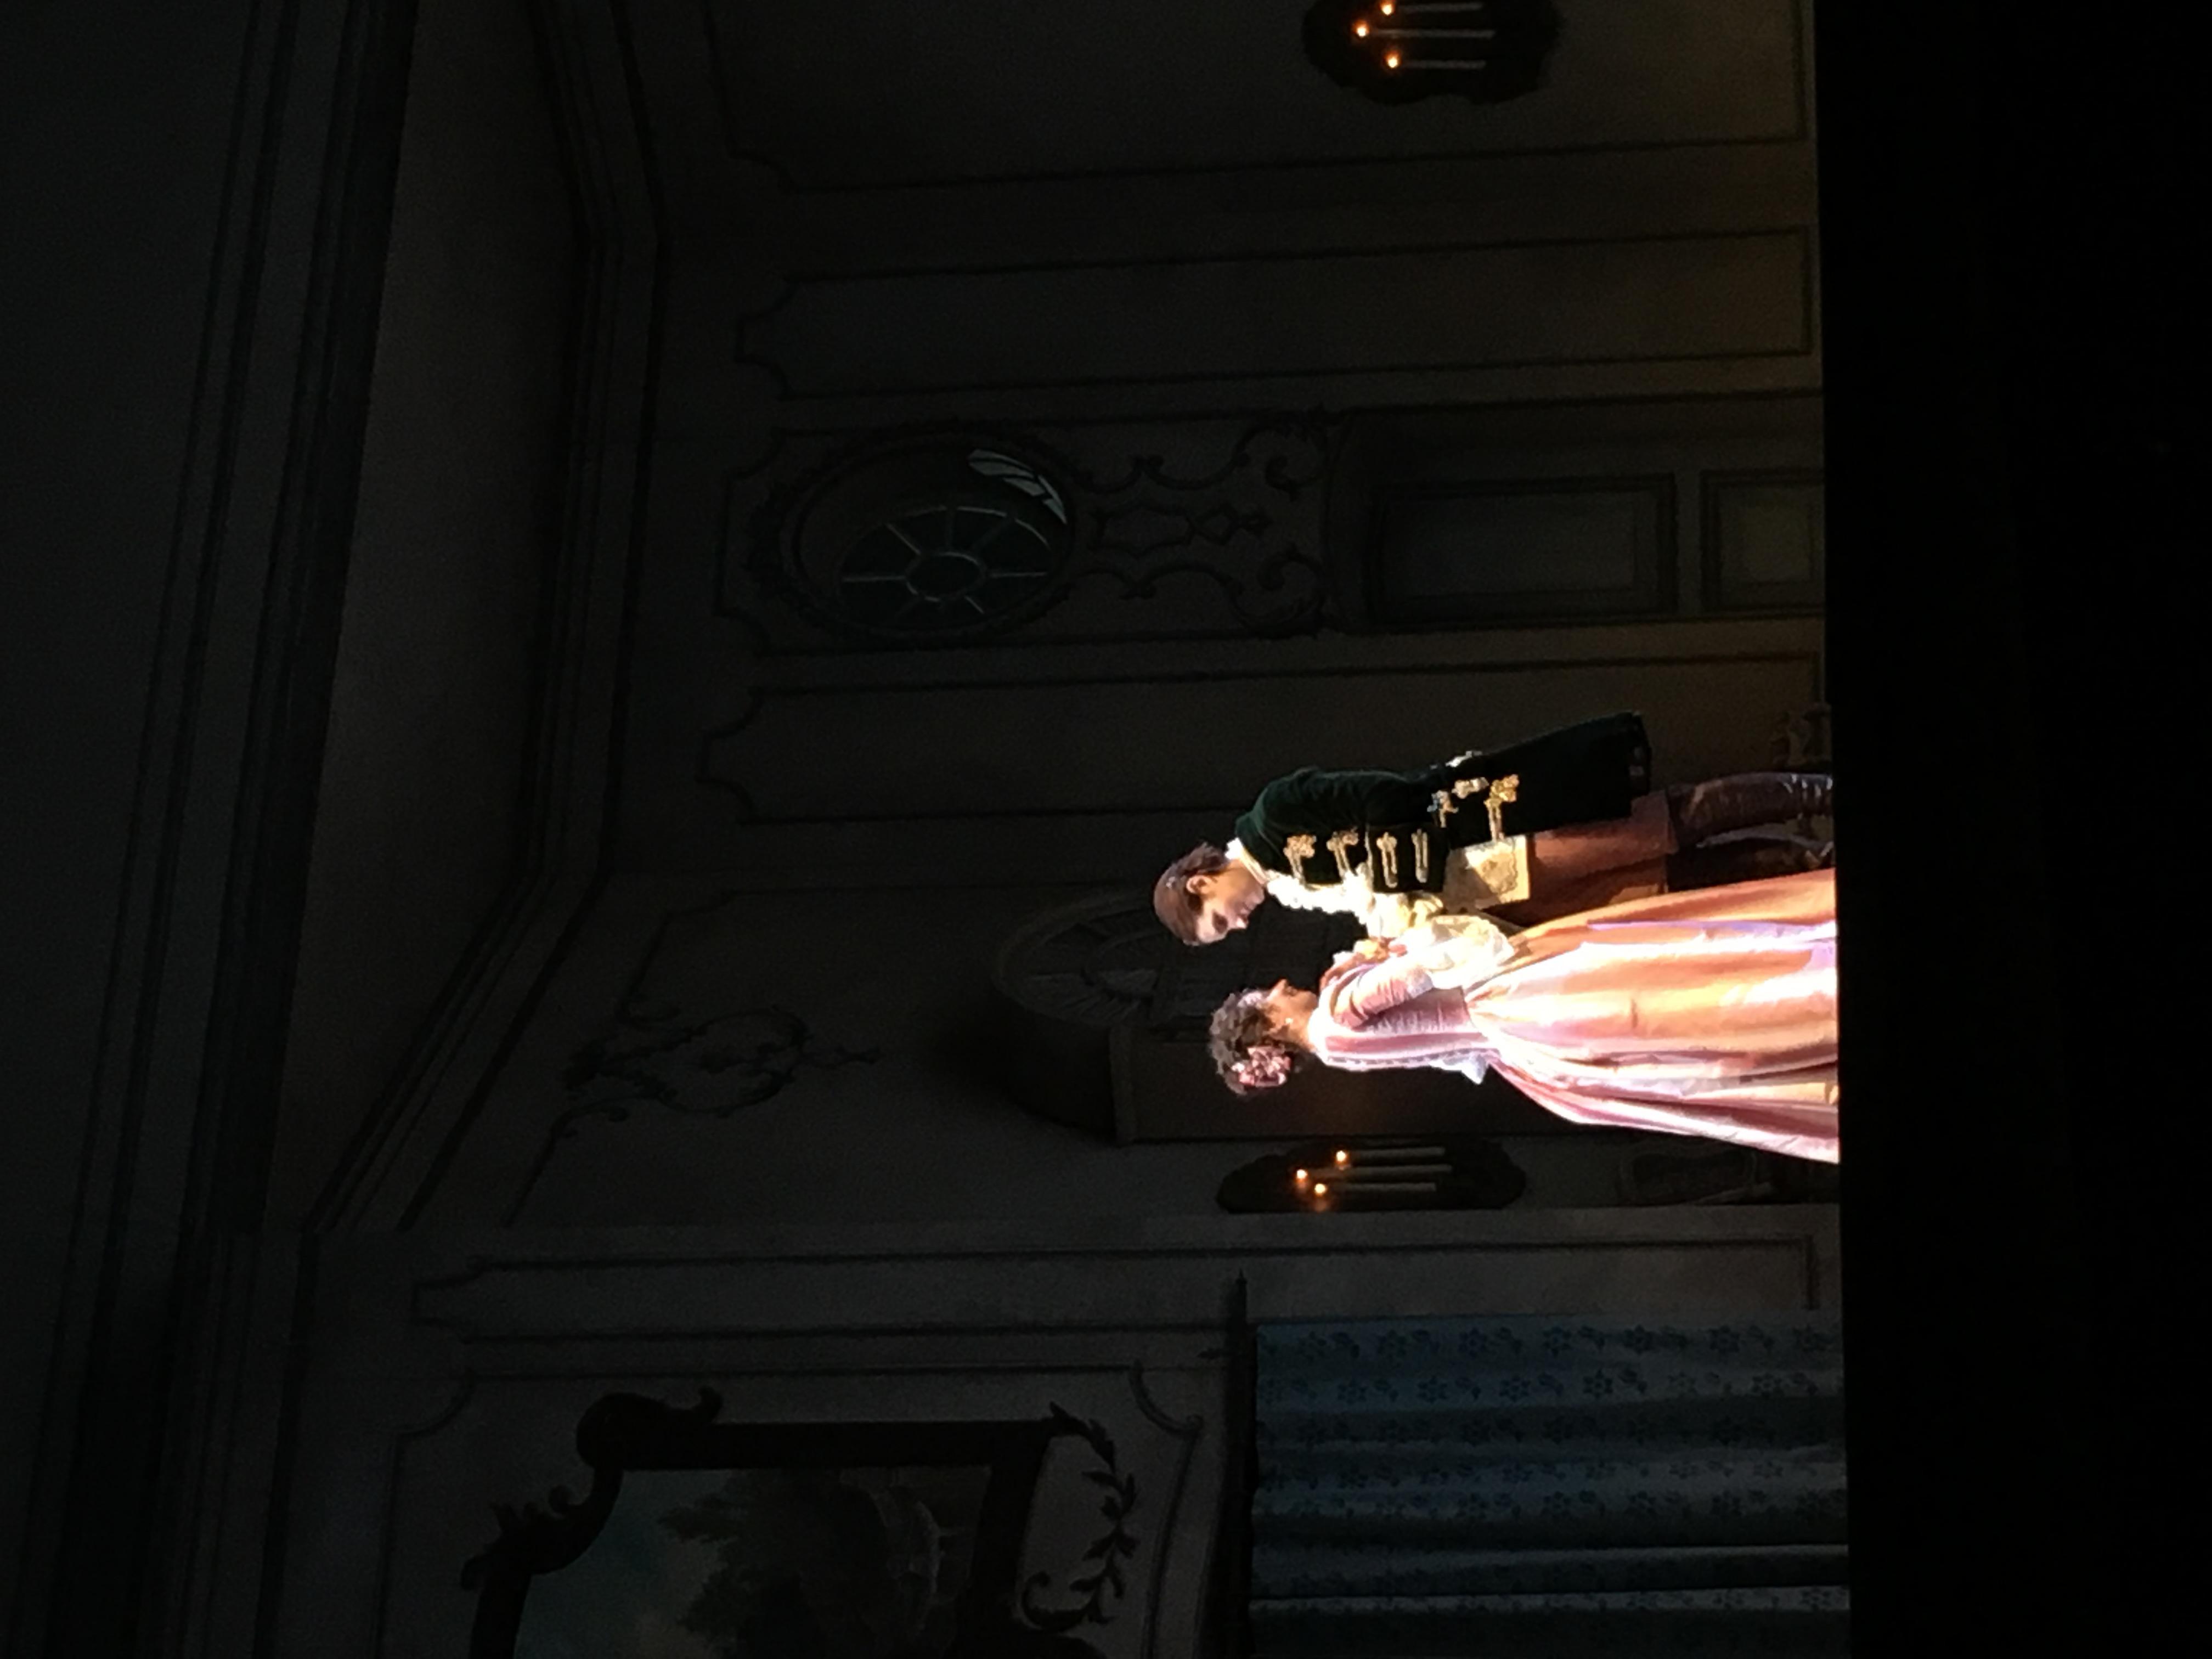 Octavian (Der Rosenkavalier)